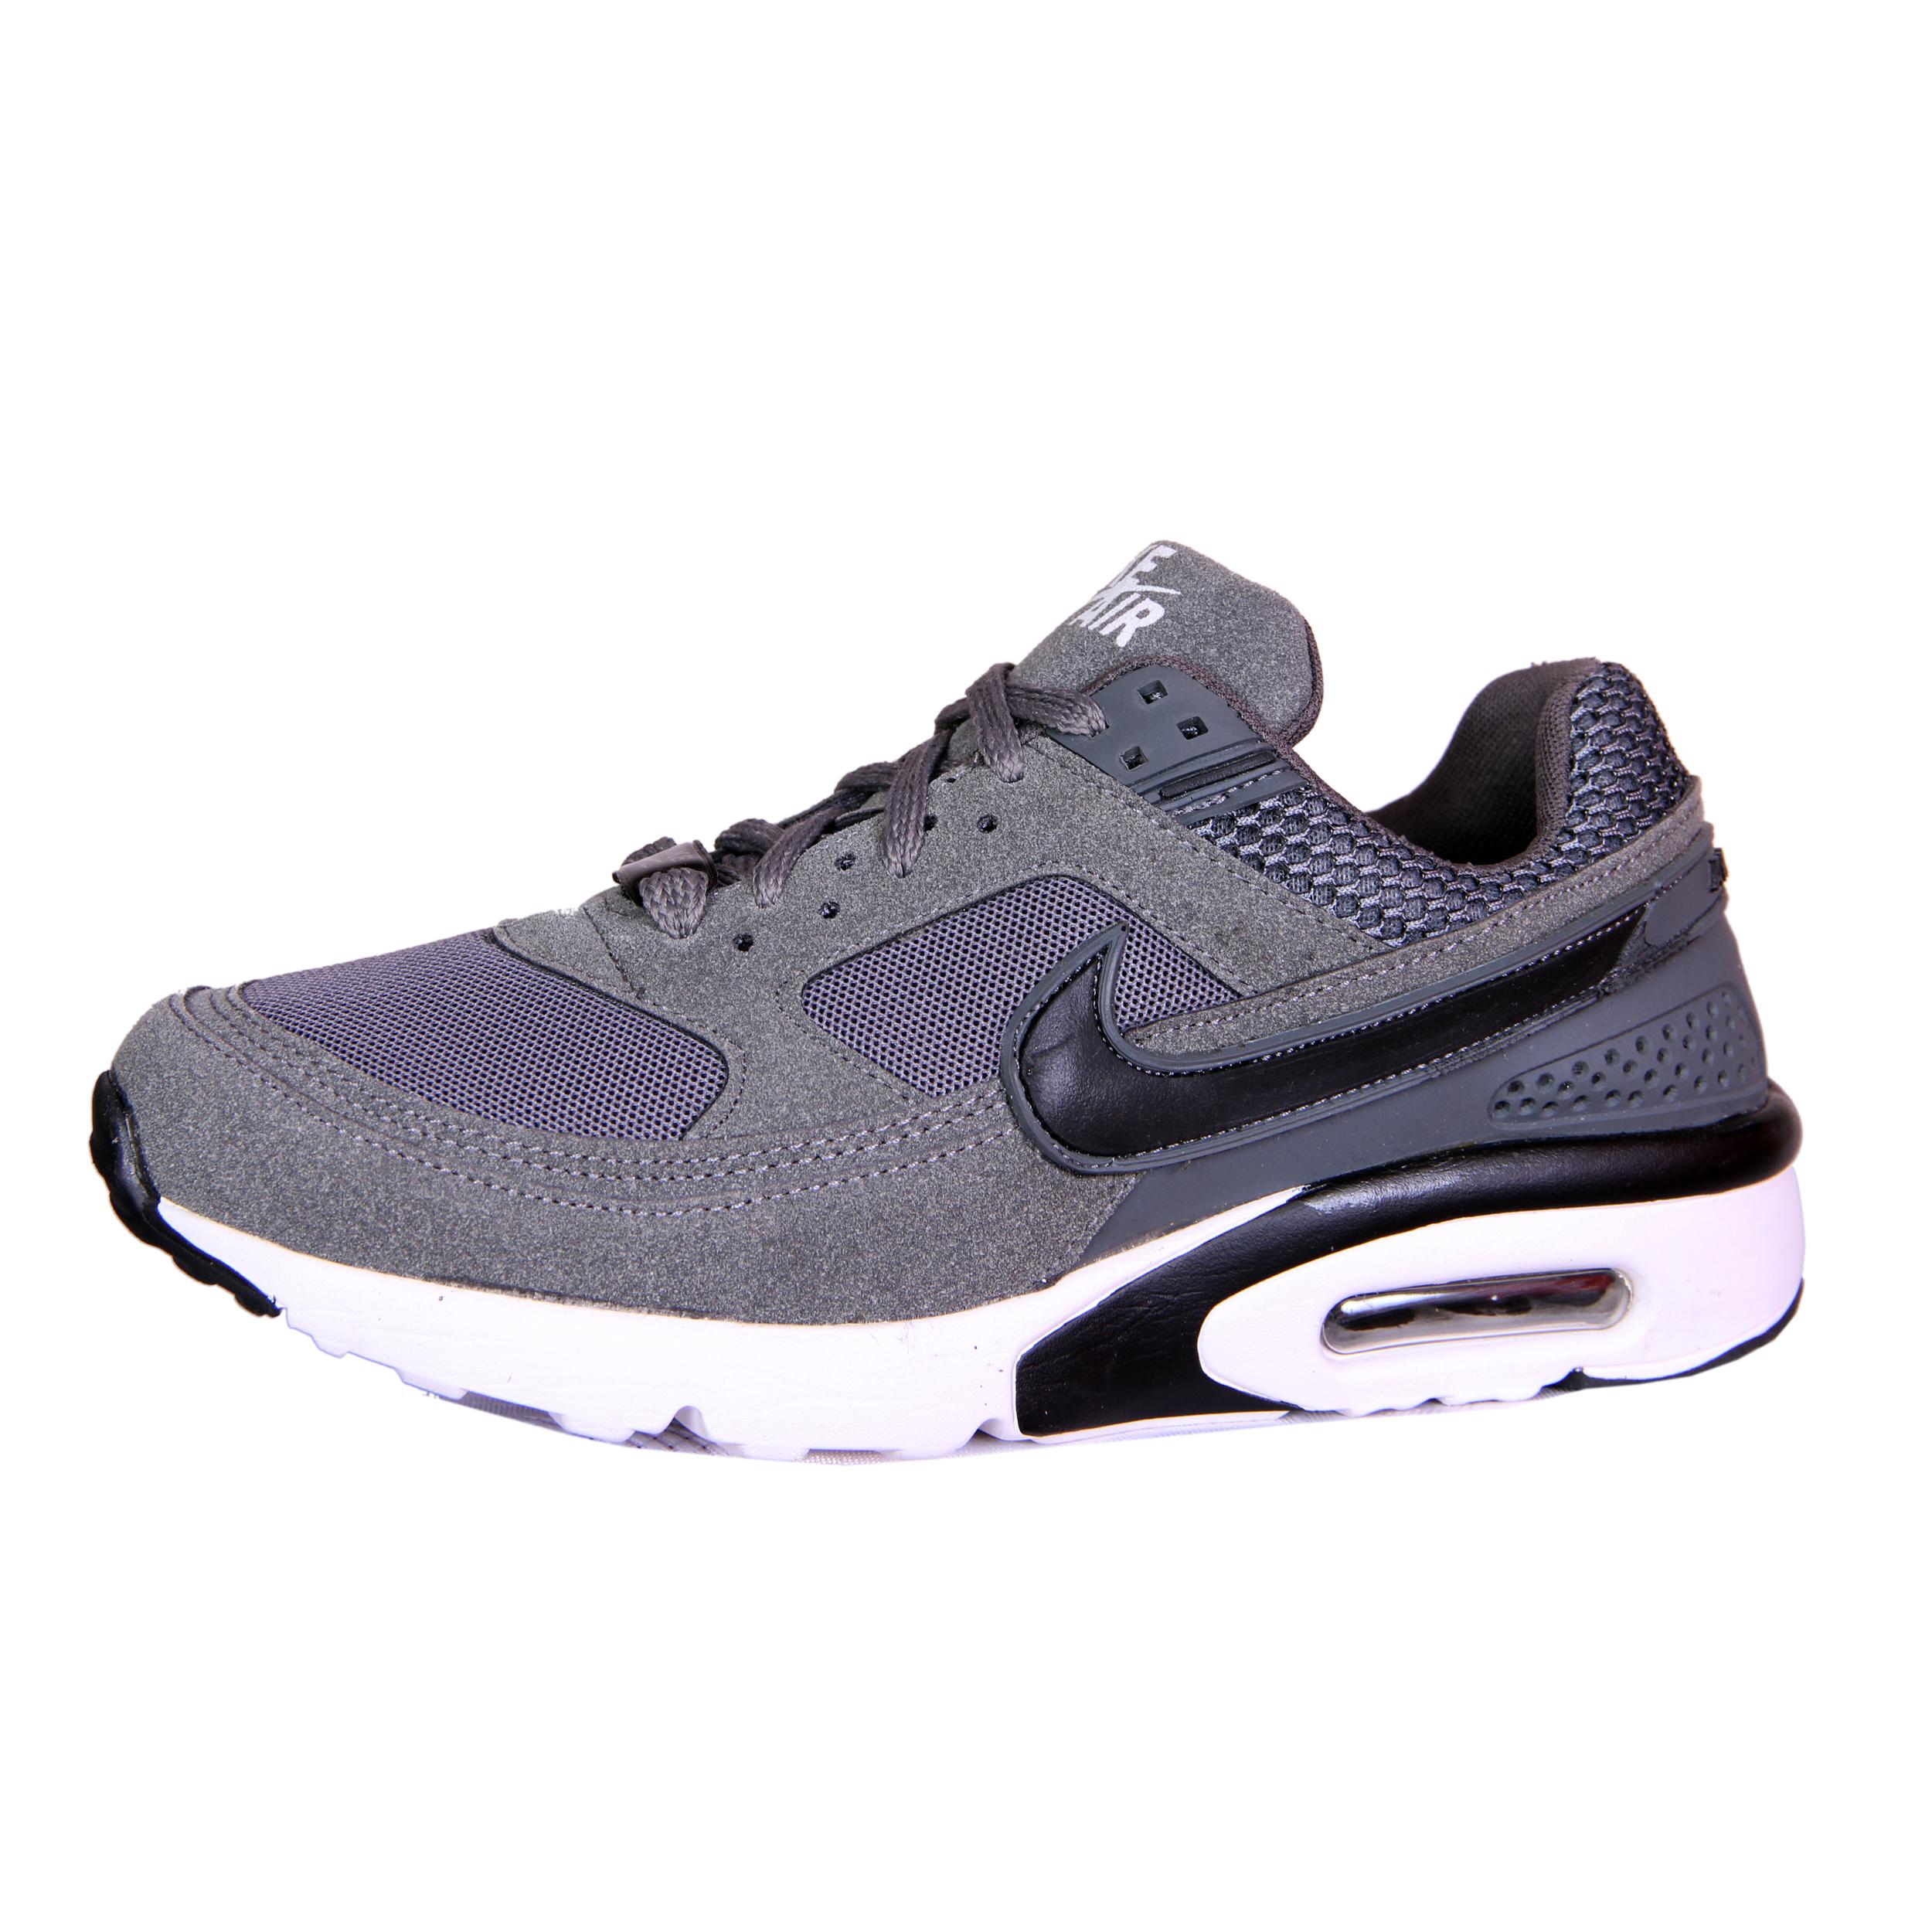 کفش مخصوص پیاده روی زنانه کد 026